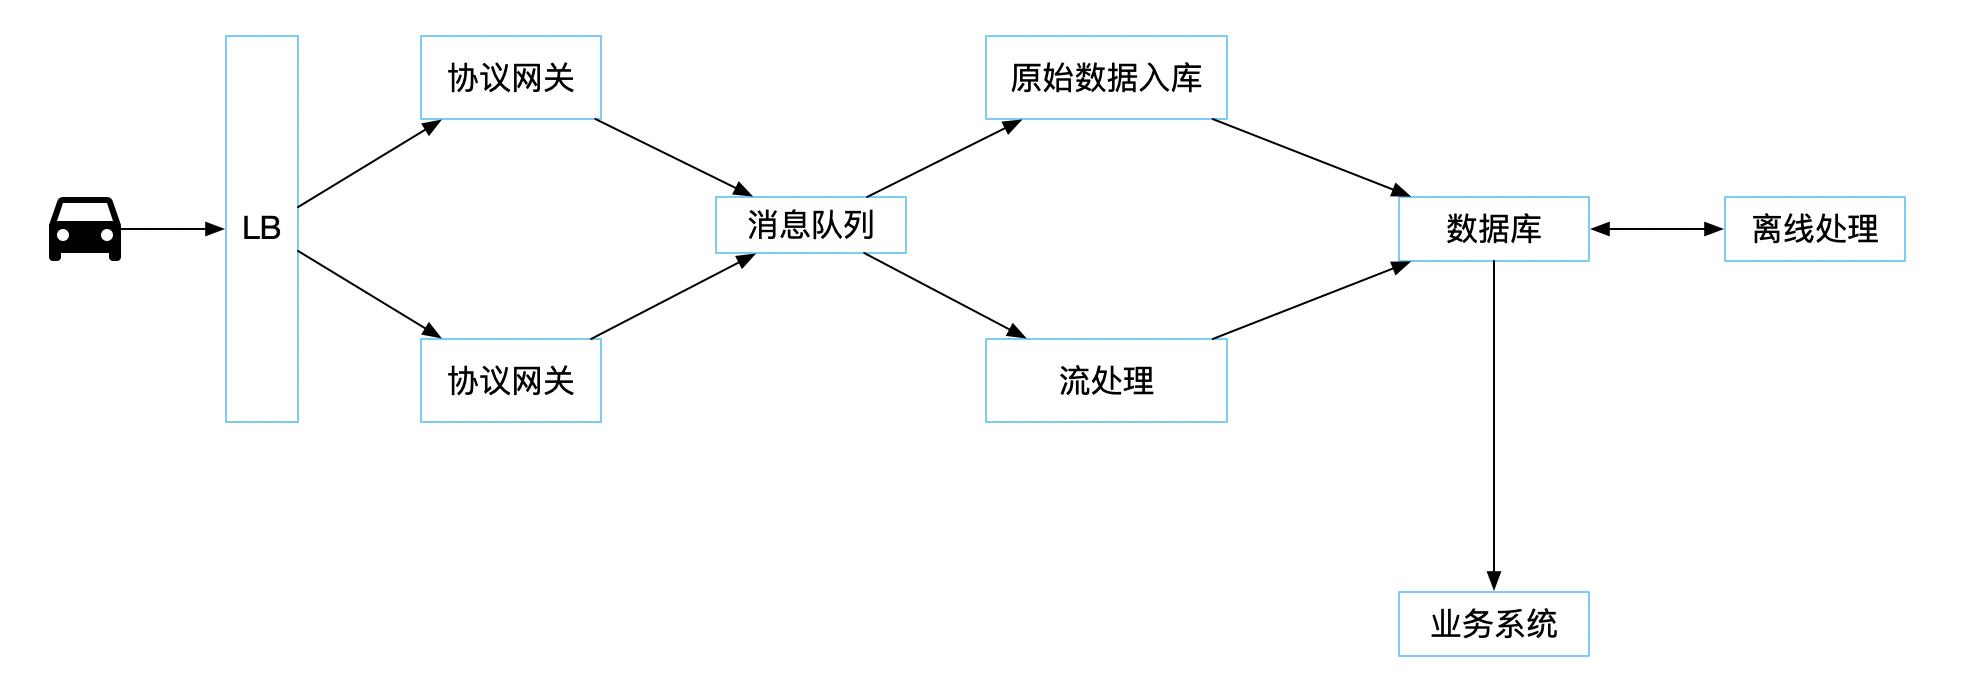 车联网系统架构示意图